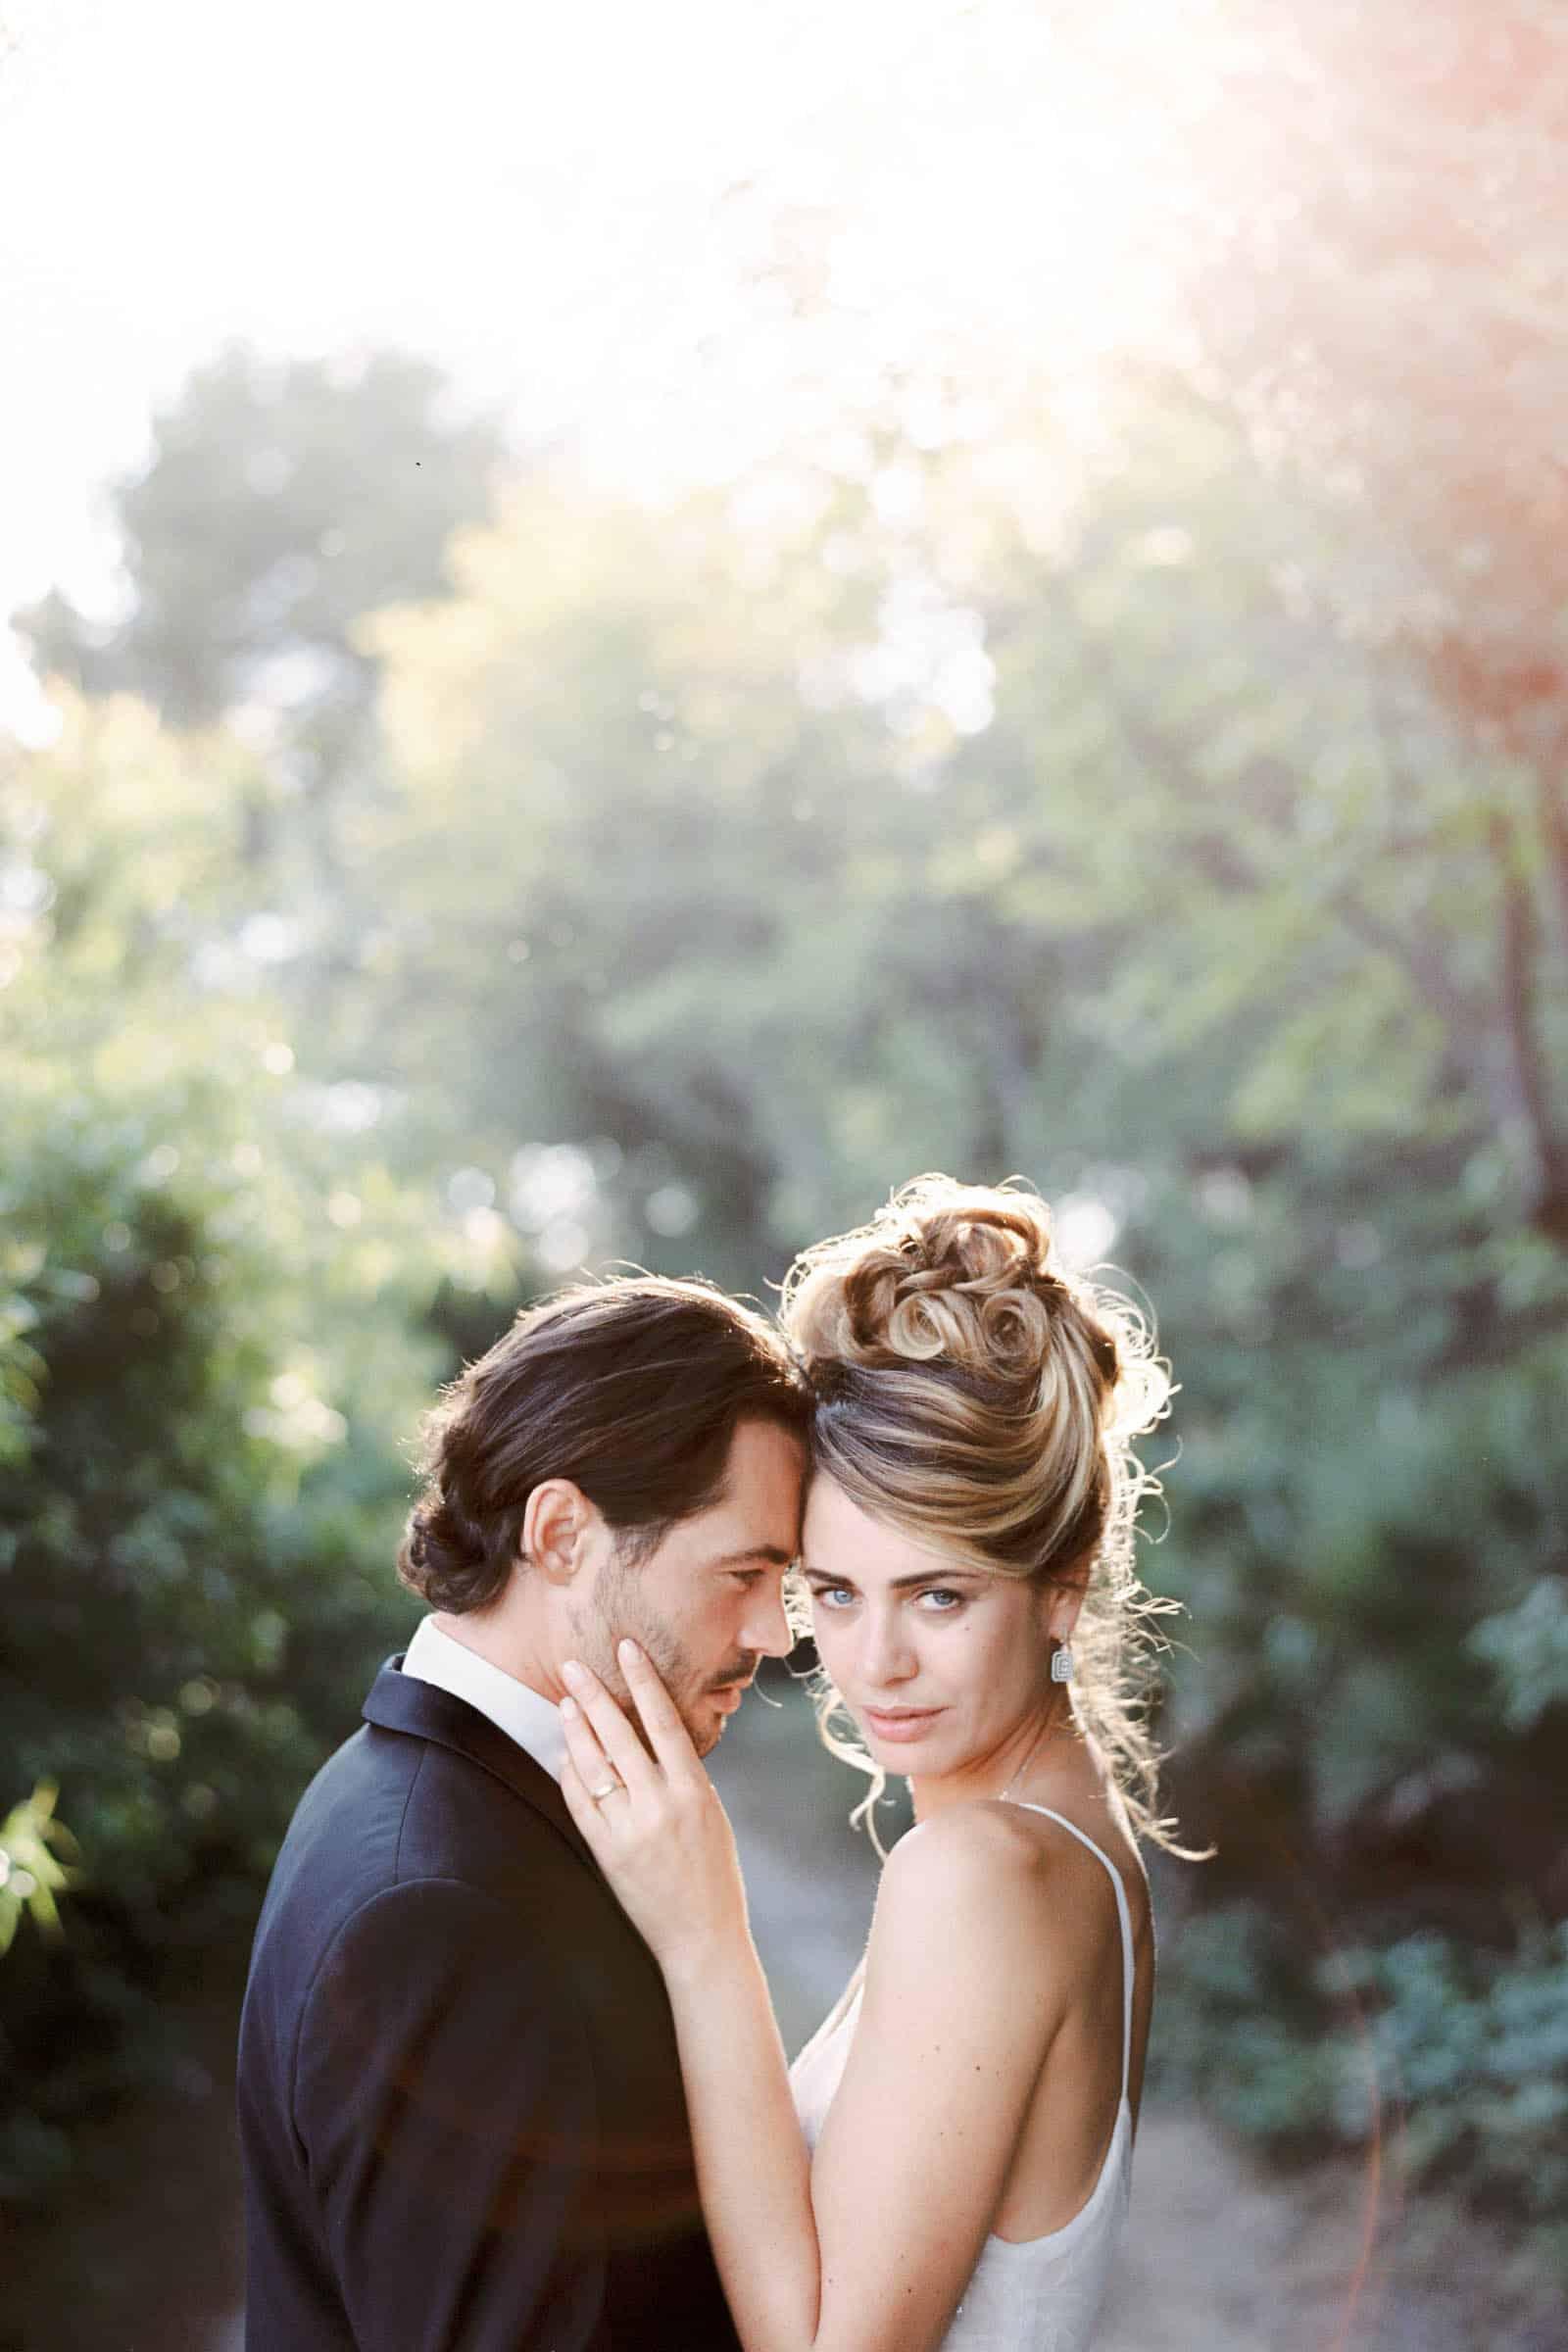 Photographie de Mathieu Dété présentant un portrait de mariés dans une allée d'oliviers au soleil couchant